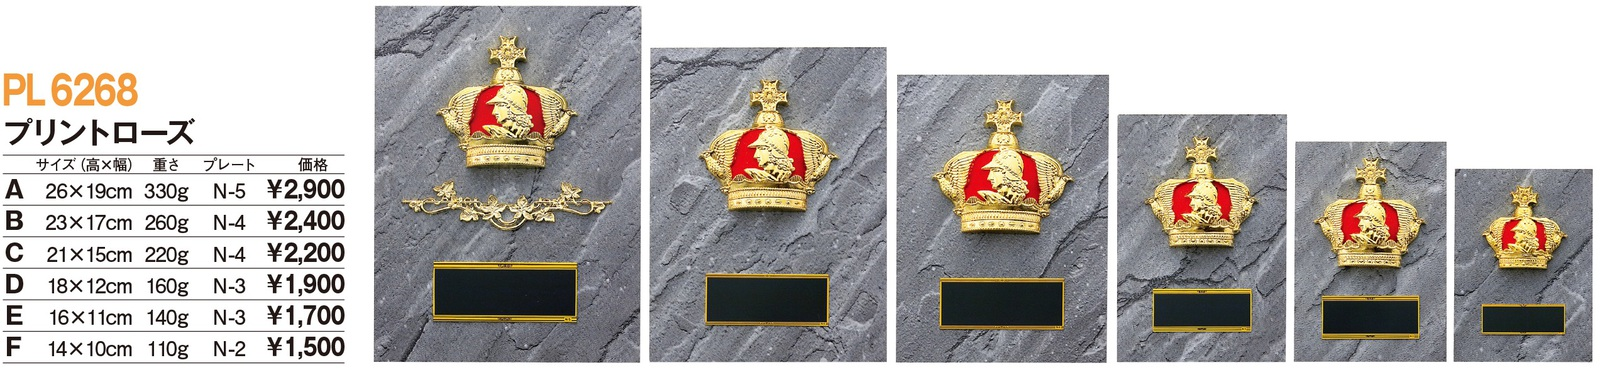 お得なキャンペーンを実施中 トロフィー工房のトロフィーは 新商品 リボン無料 高品質レーザー印字無料 10000円以上お買い上げで送料無料 N-2 楯 PL6268F